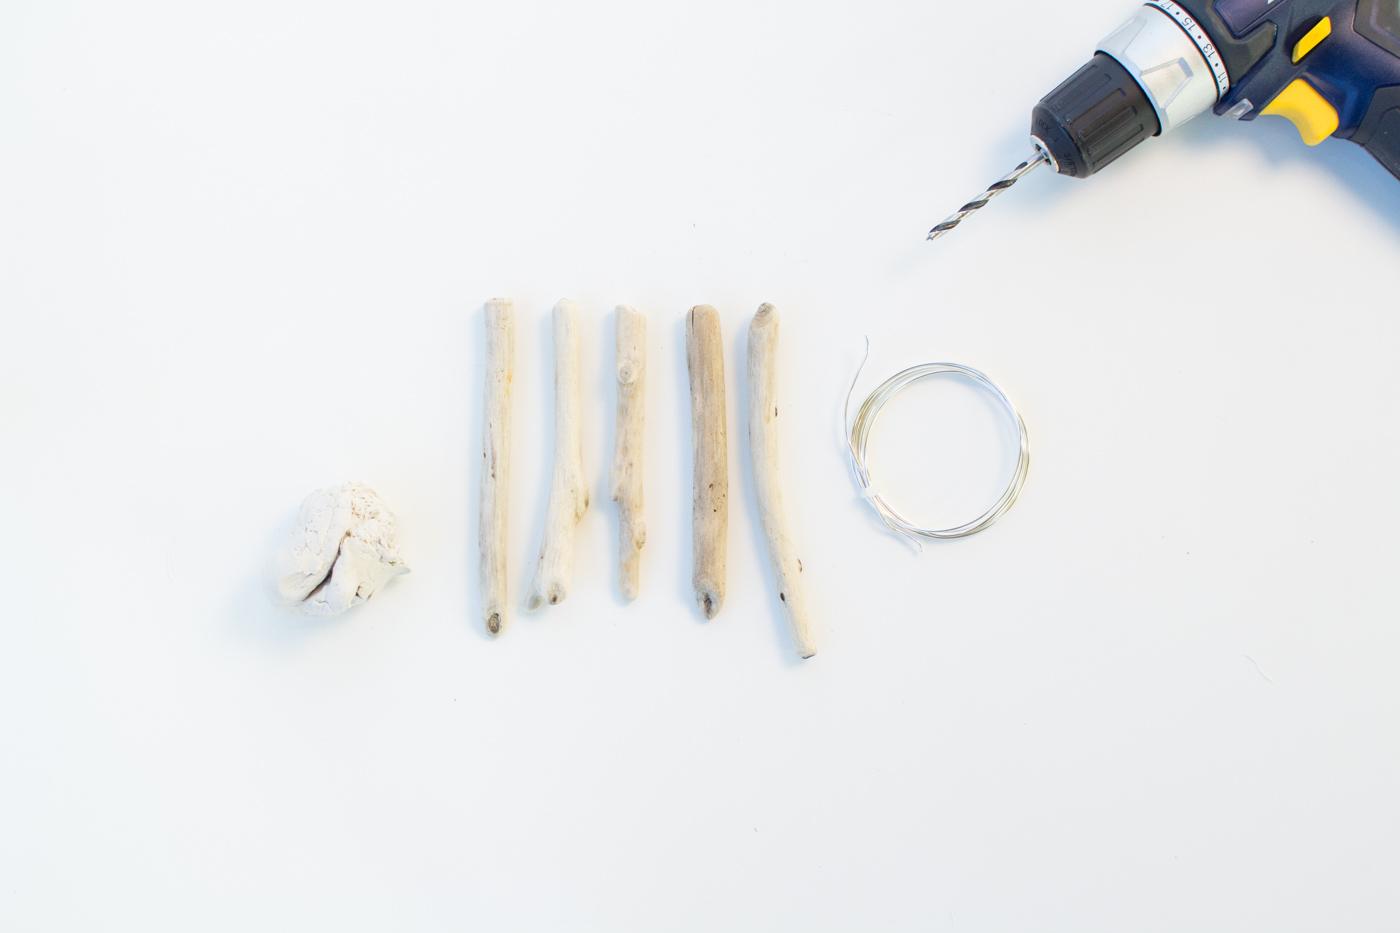 DIY Clay & Driftwood Spoons | @fallfordiy-1